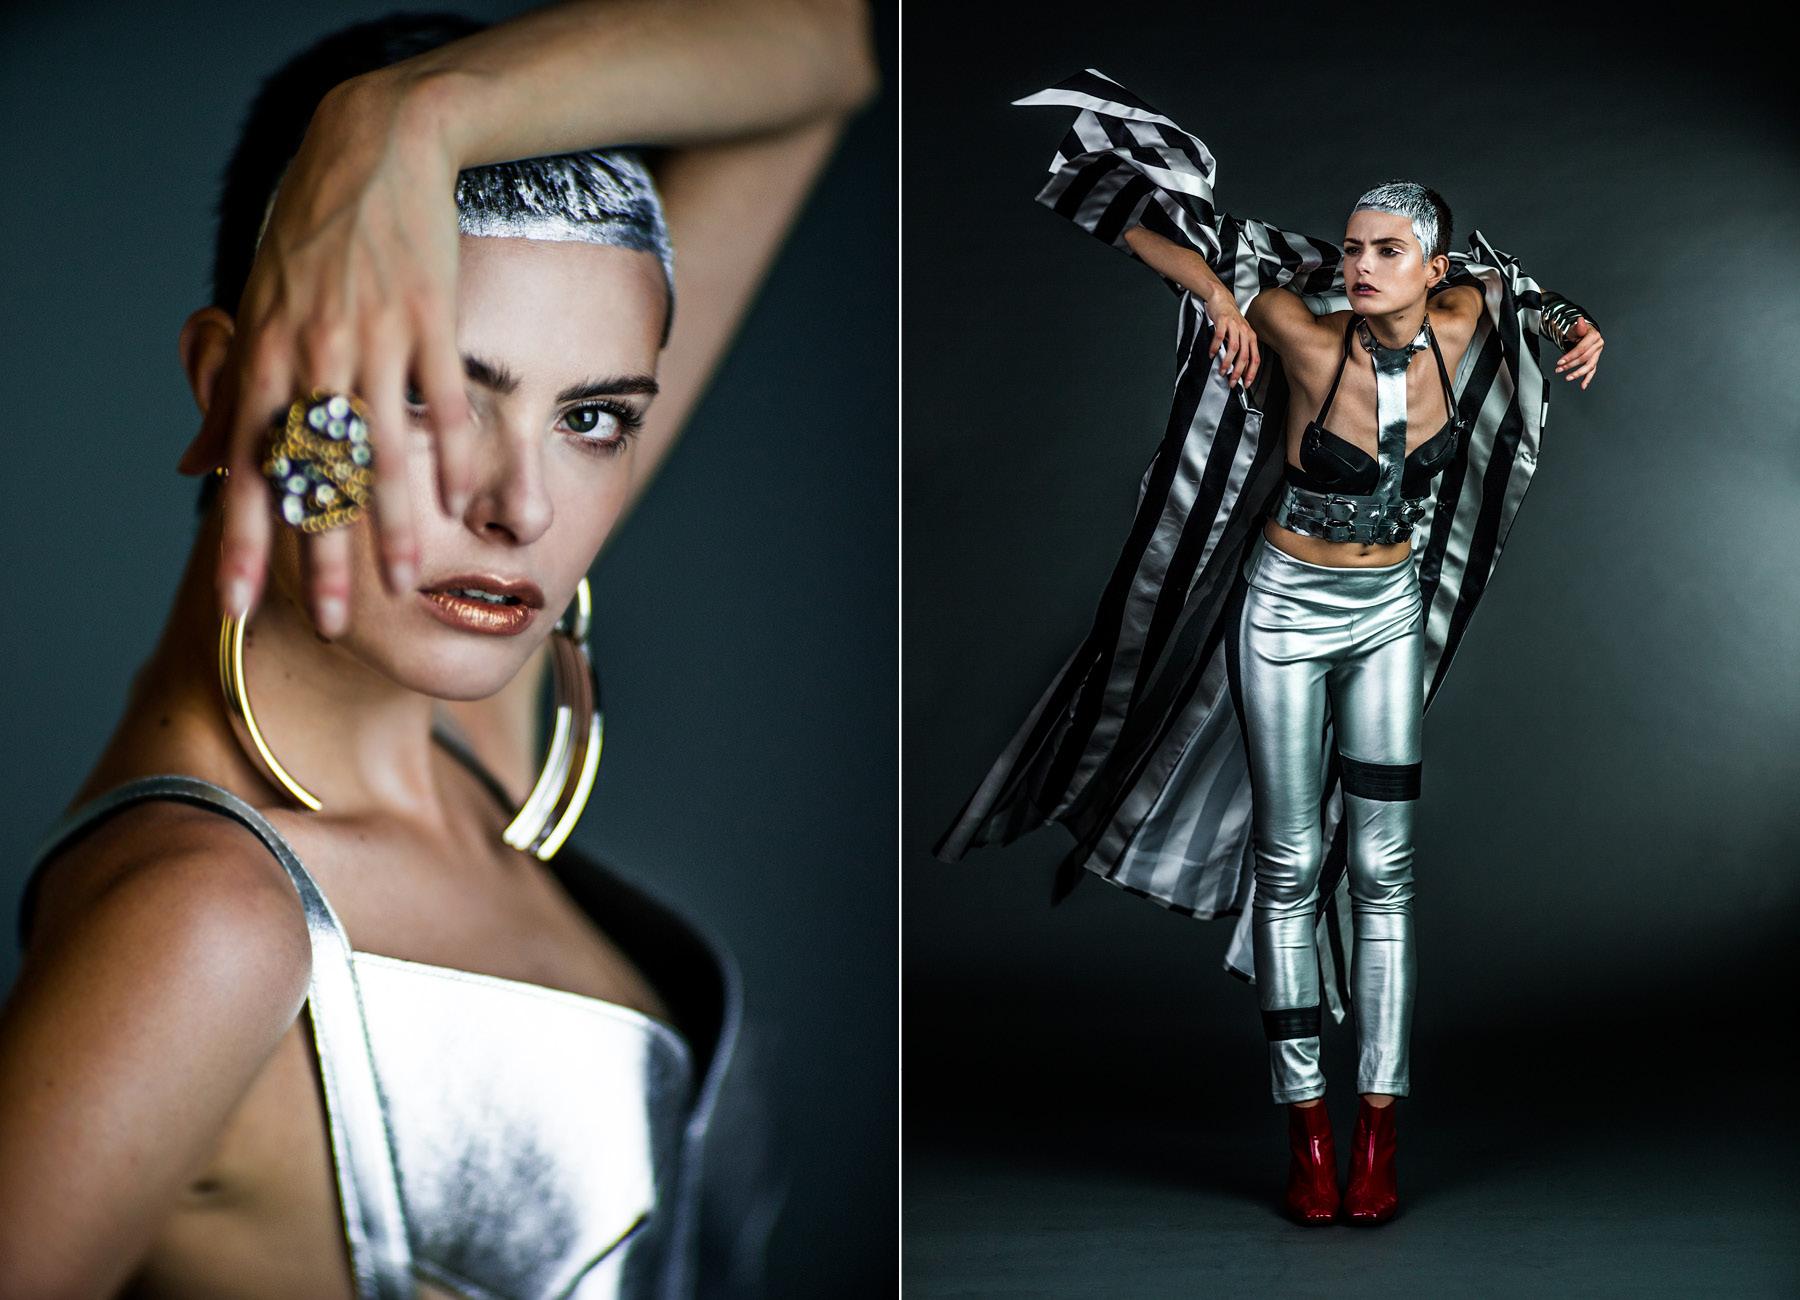 Spirit-&-Flesh-Magazine _STEFANIE-MEDEIROS_by_KAH-POON_4